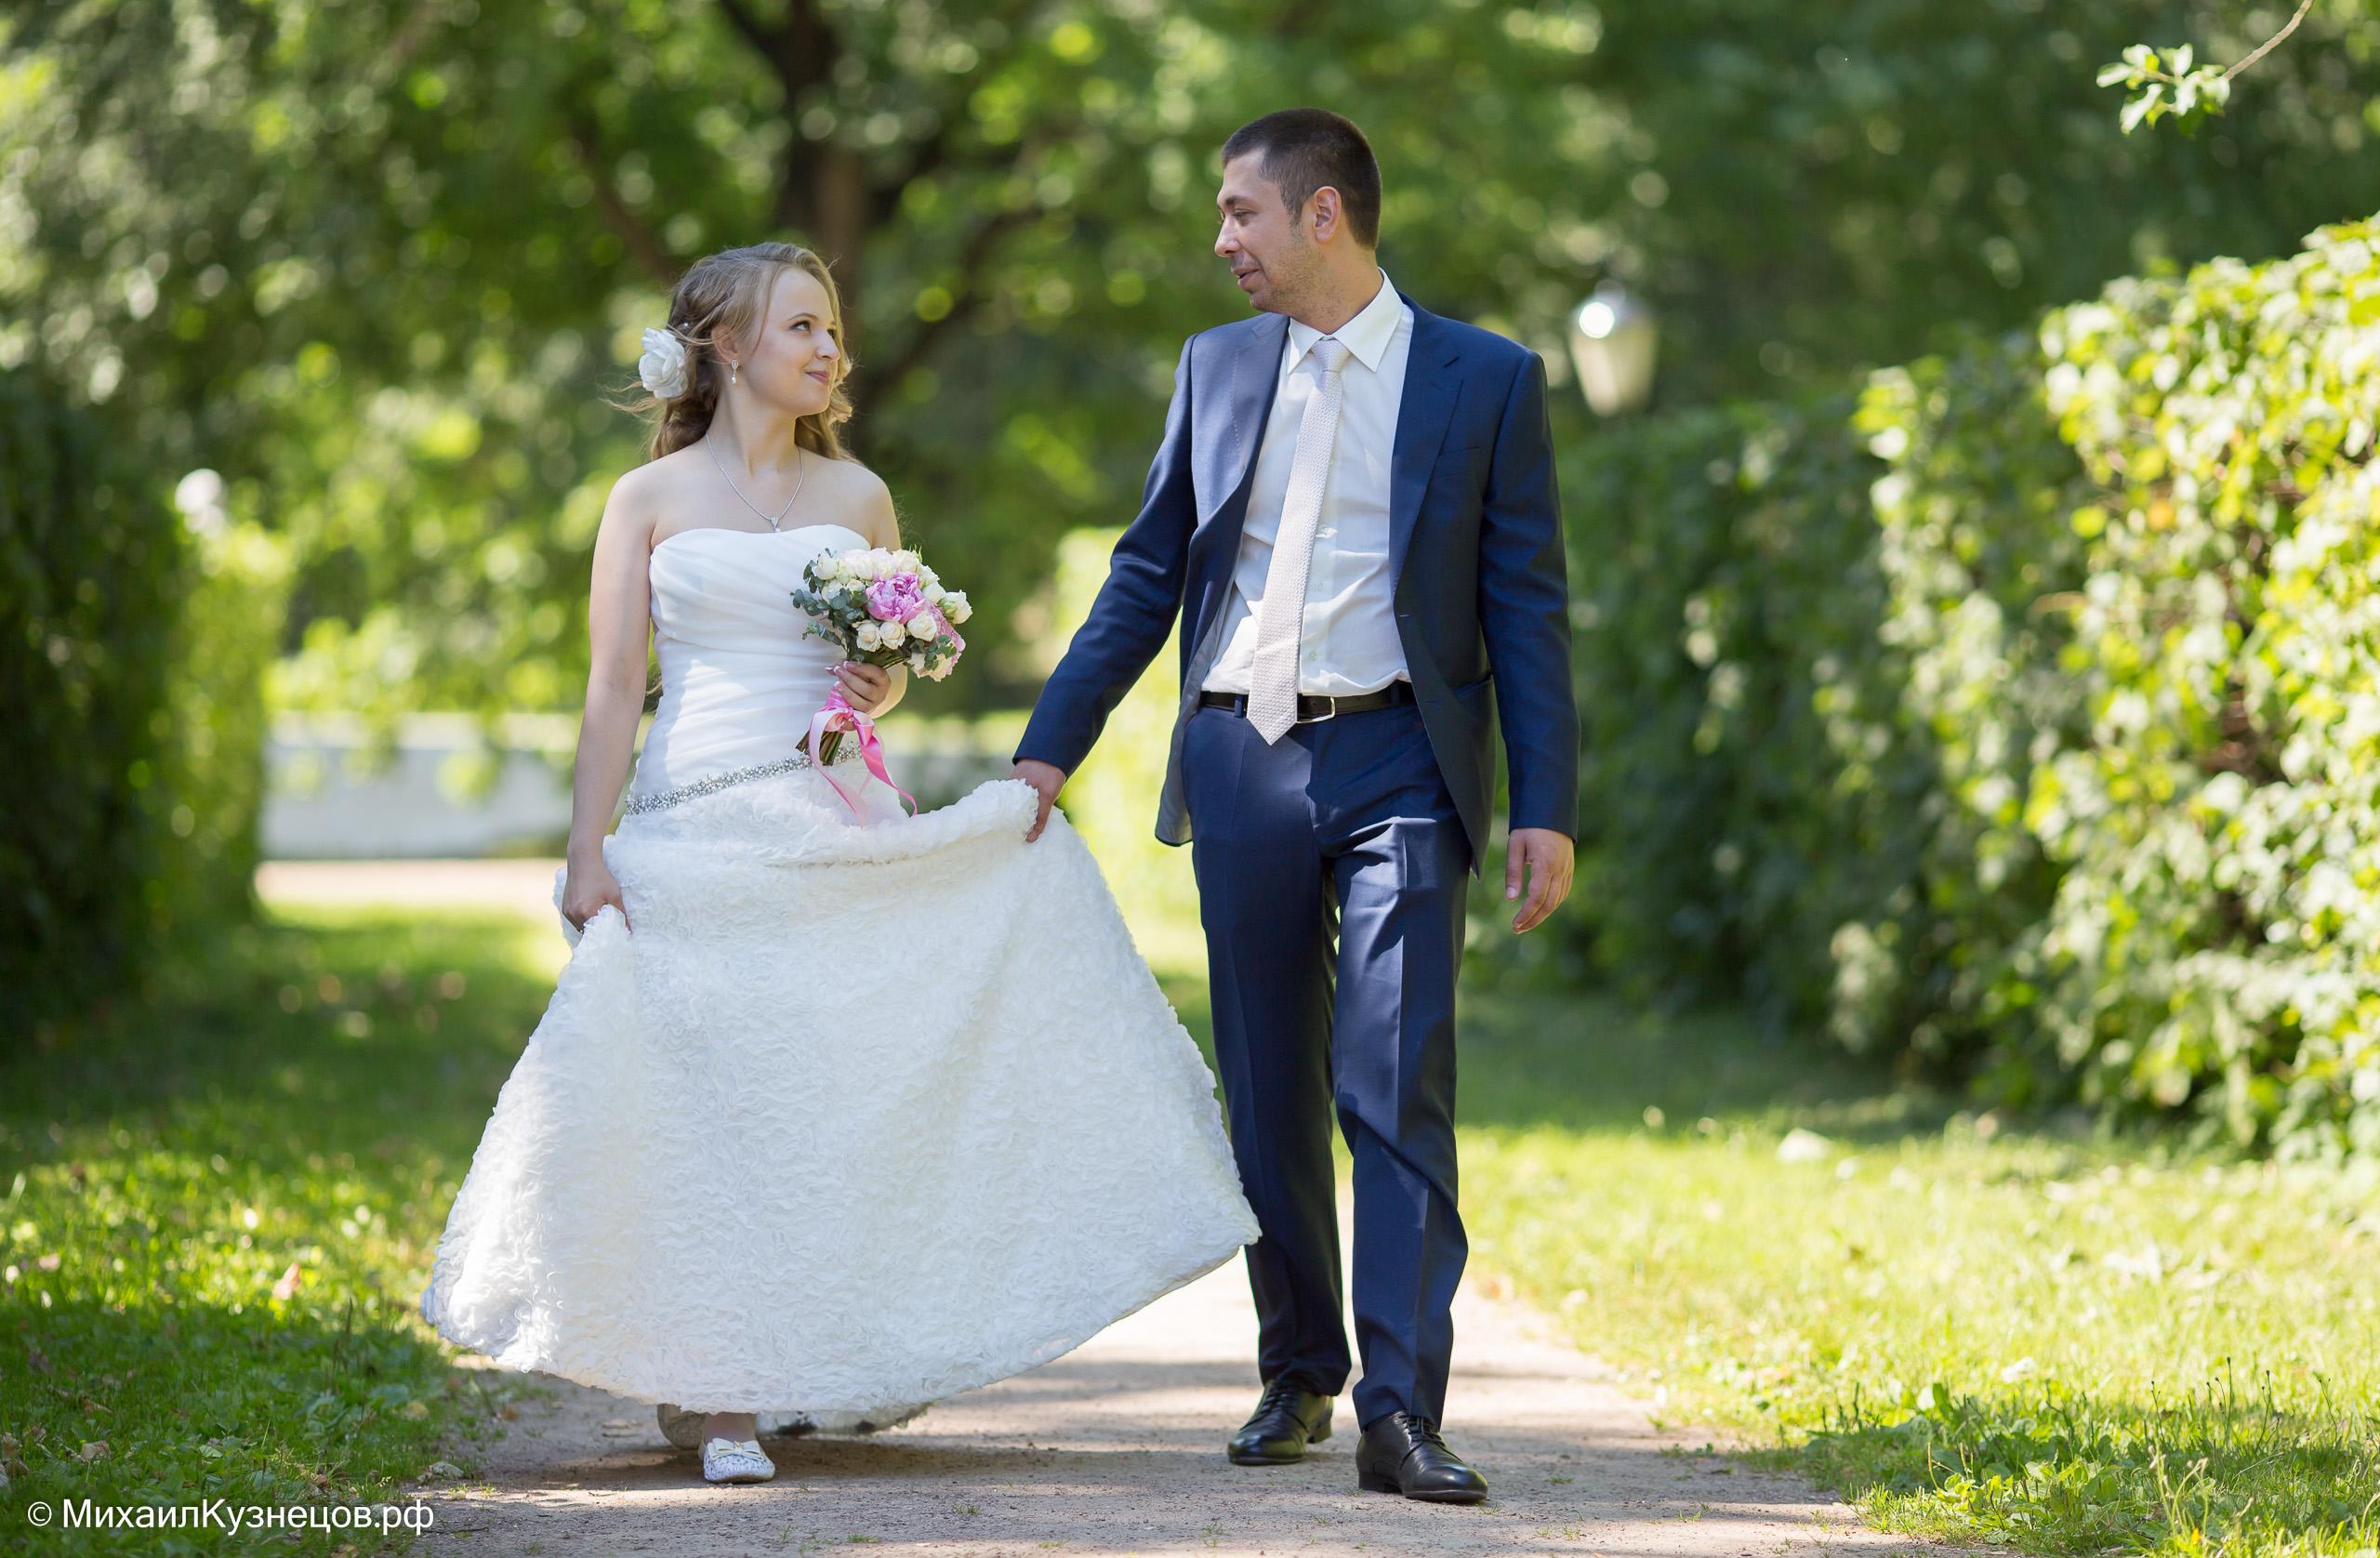 Фото свадьбы канаева мусатов